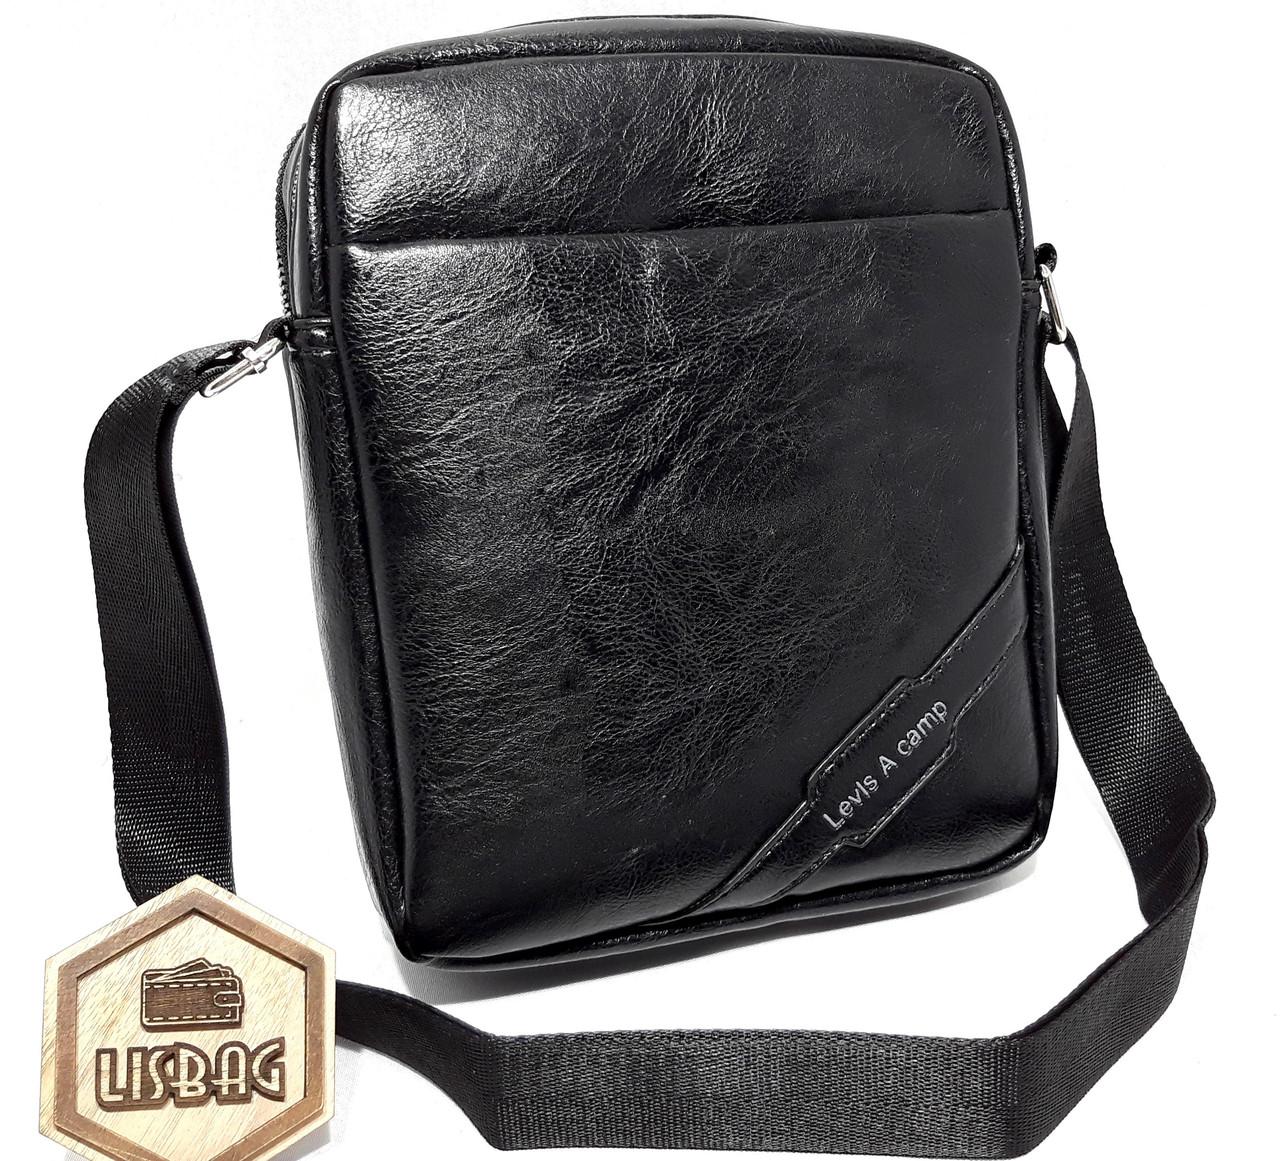 311c942fa041 Мужская сумка через плече Levis на молнии 2 отделение и магнит, Сумка  планшетка магнит,